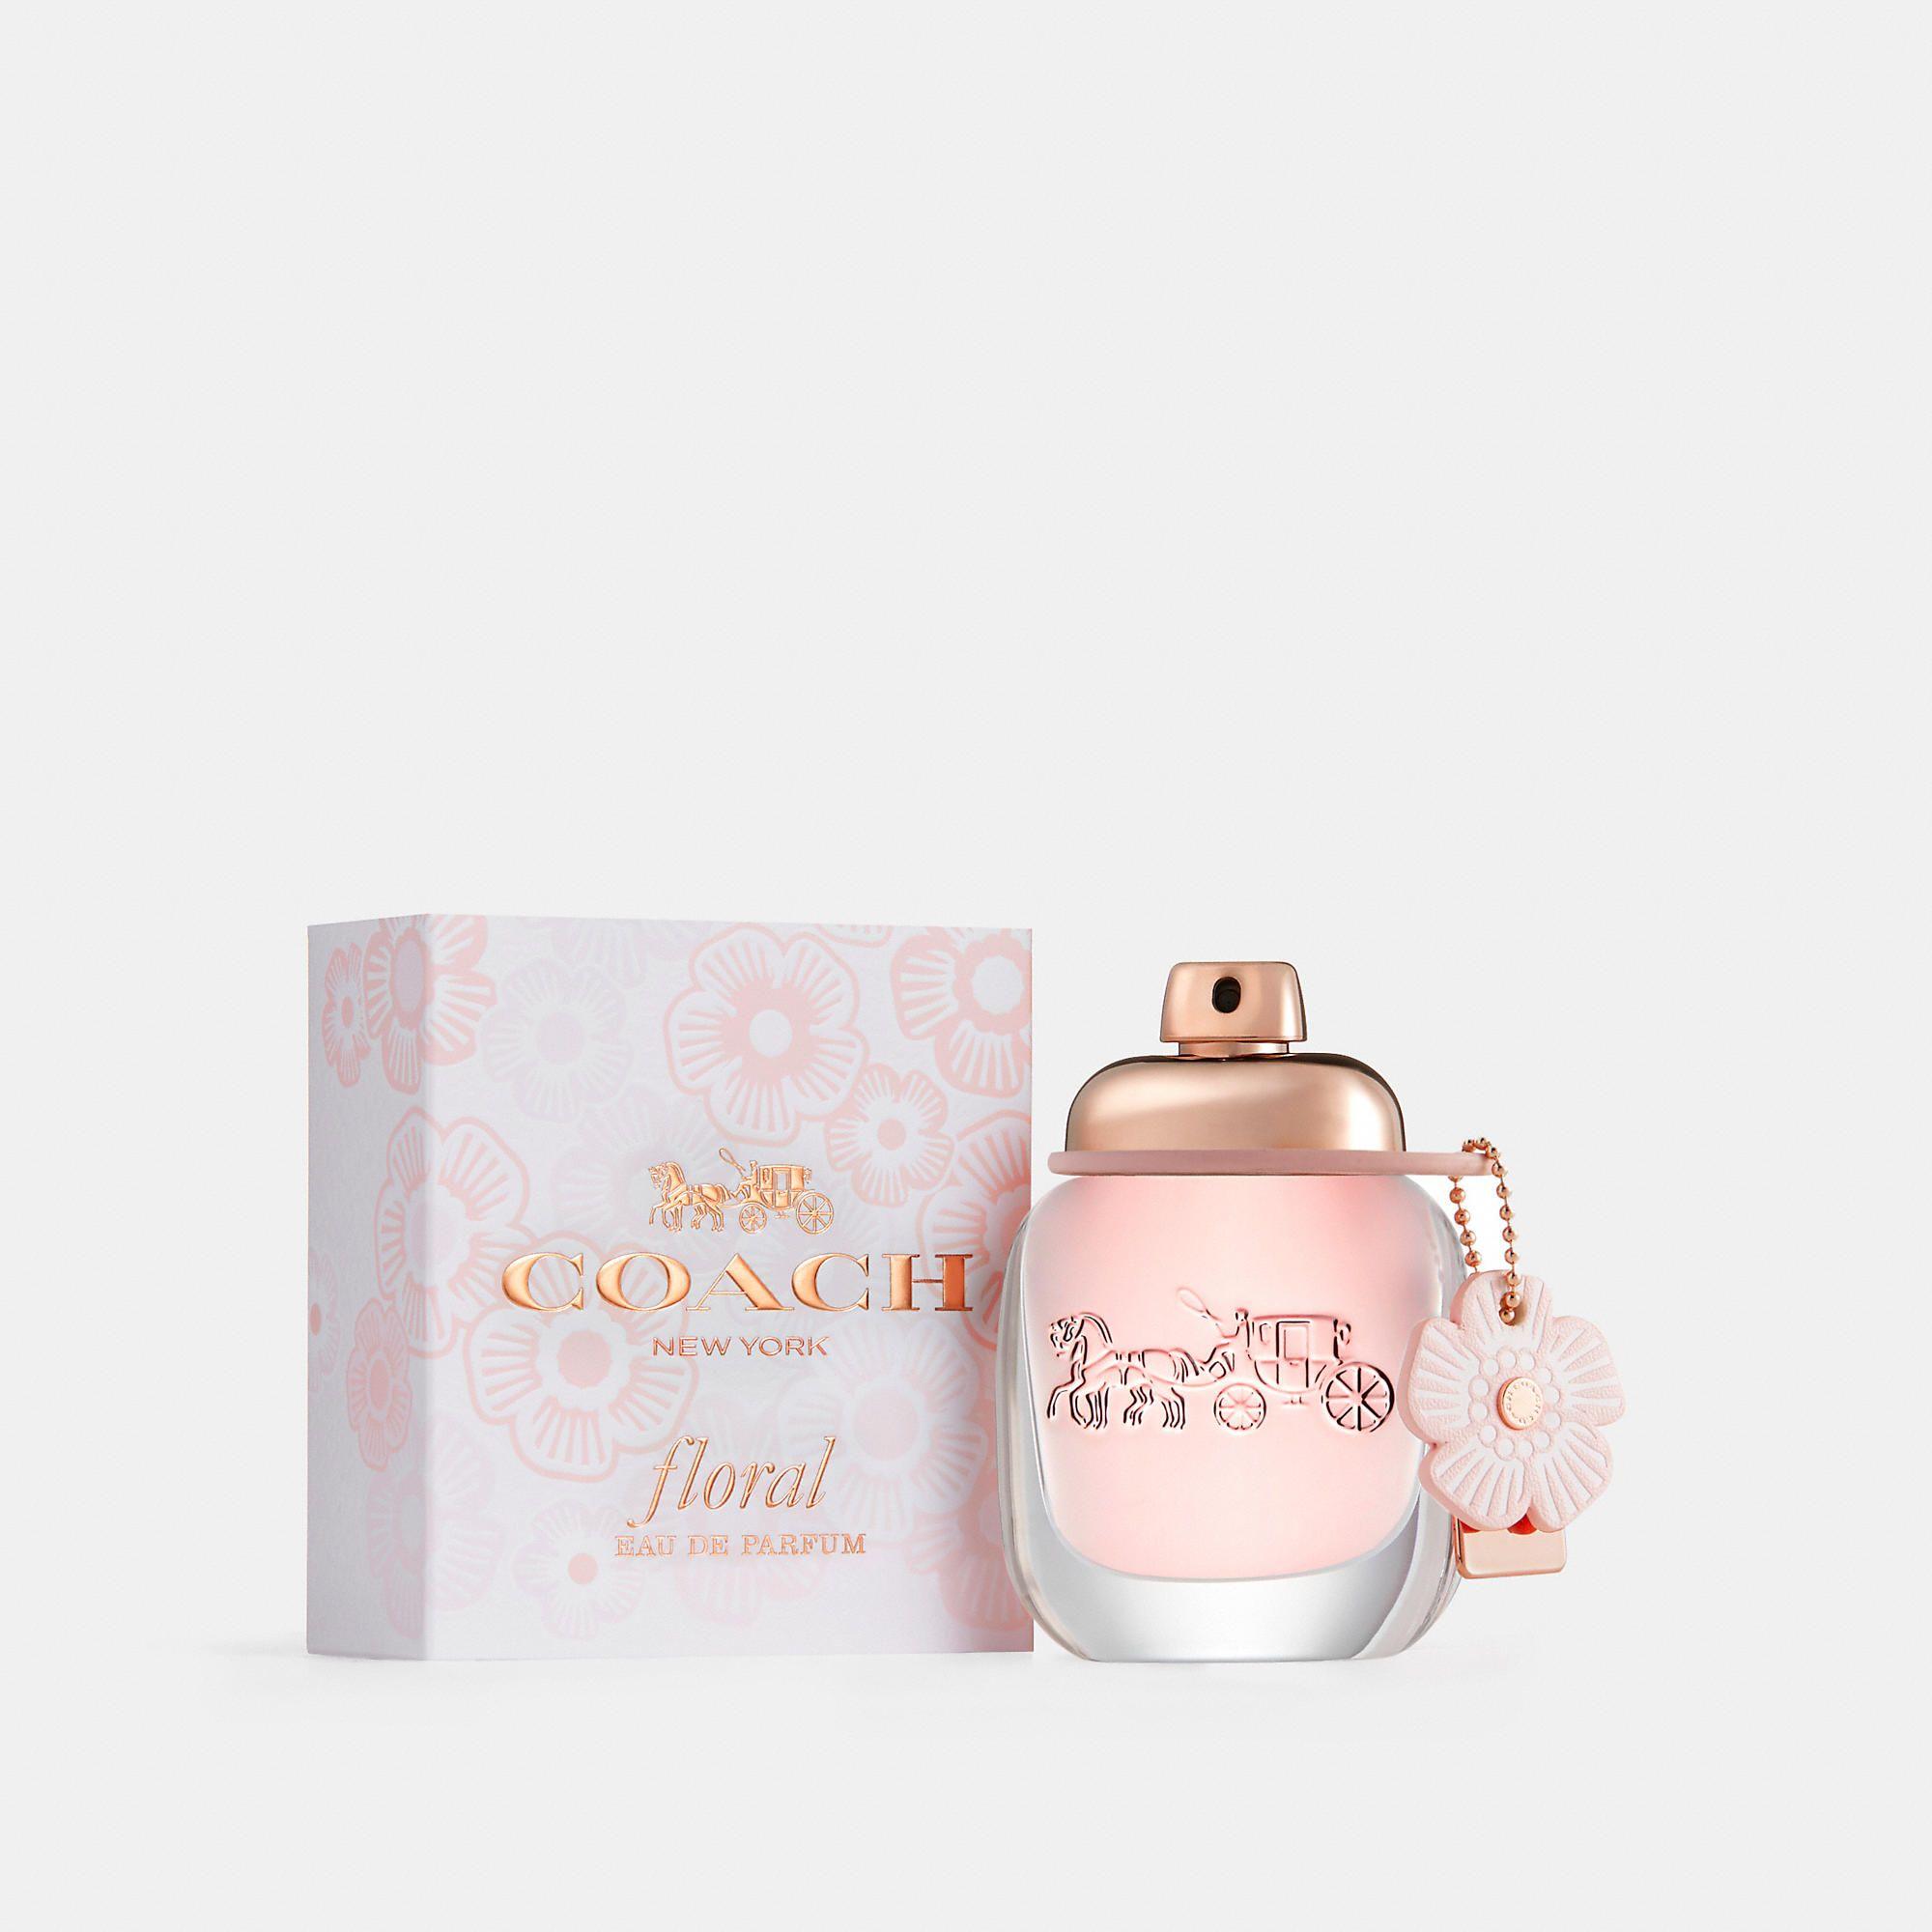 Floral Eau De Parfum 30ml Fragrances Perfume Woman Floral Perfumes Perfume